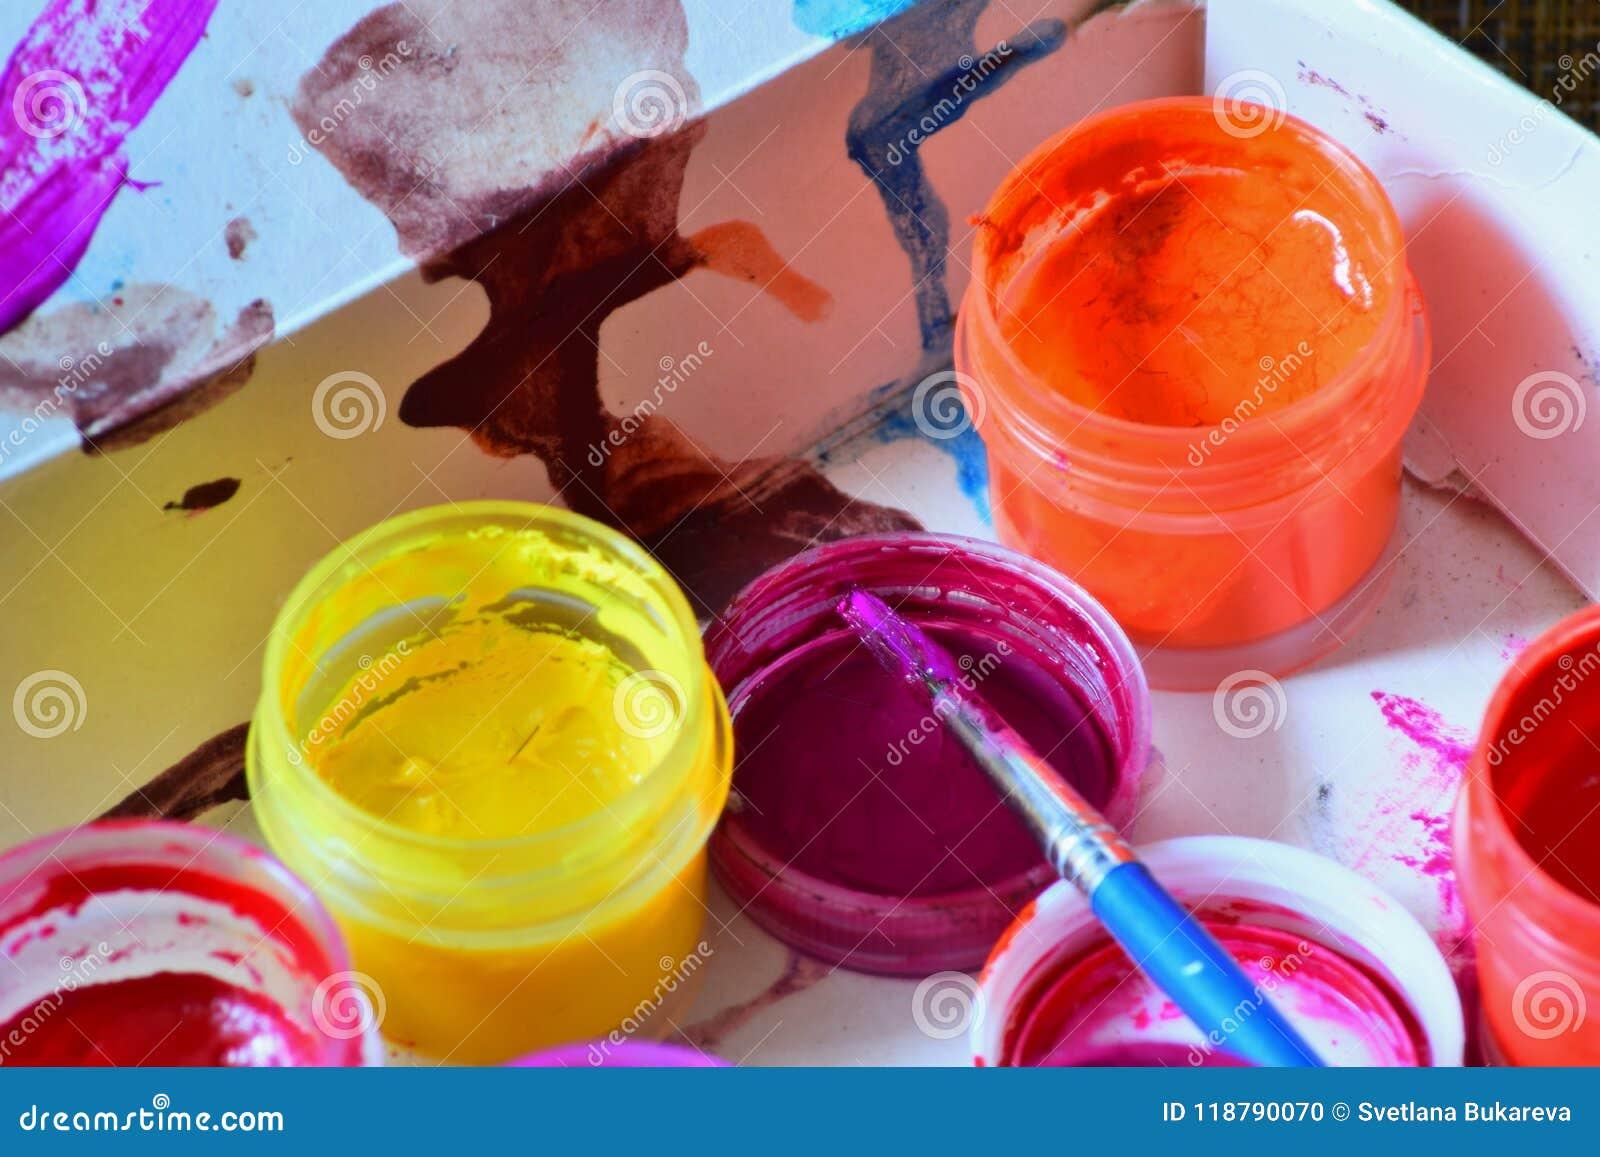 Τα βάζα με τα ζωηρόχρωμα φωτεινά χρώματα και μια βούρτσα προετοιμάζονται για την εργασία καλλιτεχνών ` s